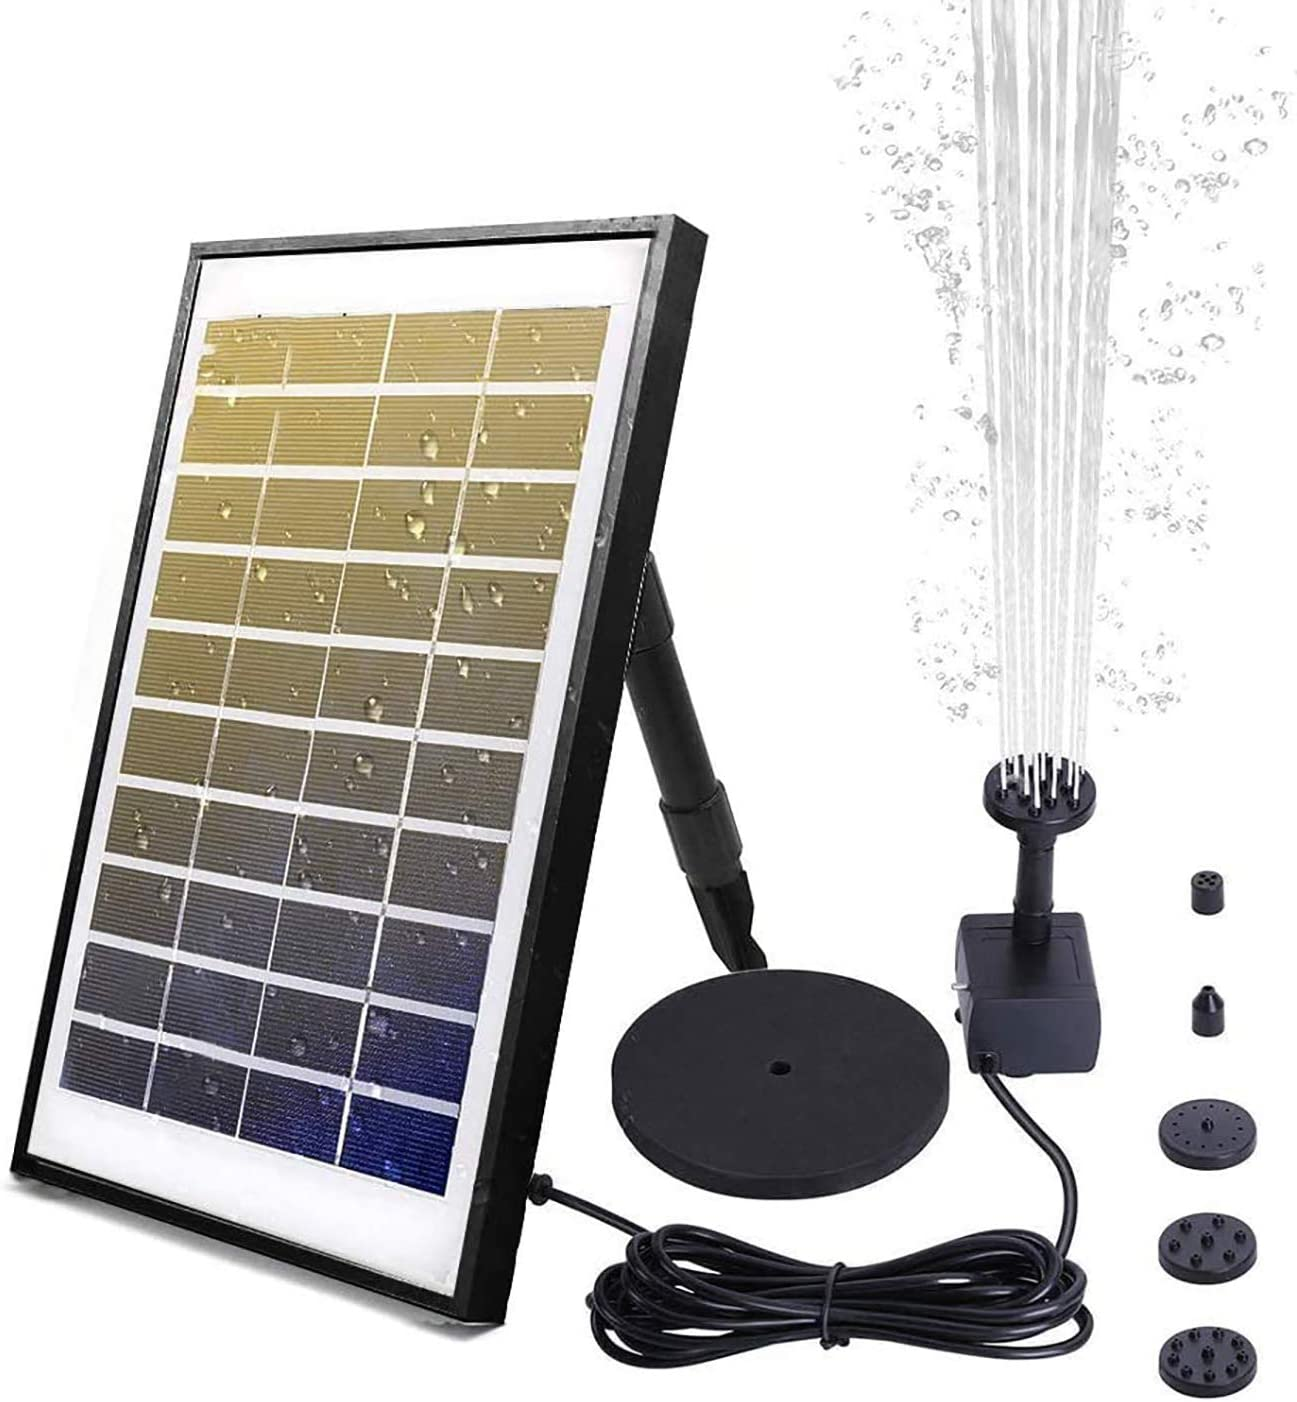 FeelGlad - Fuente solar de 6 W, bomba de agua para exteriores con 6 efectos de pulverización de agua, 500 l/h, bomba de jardín para estanque, baño de pájaros, estanque pequeño, jardín